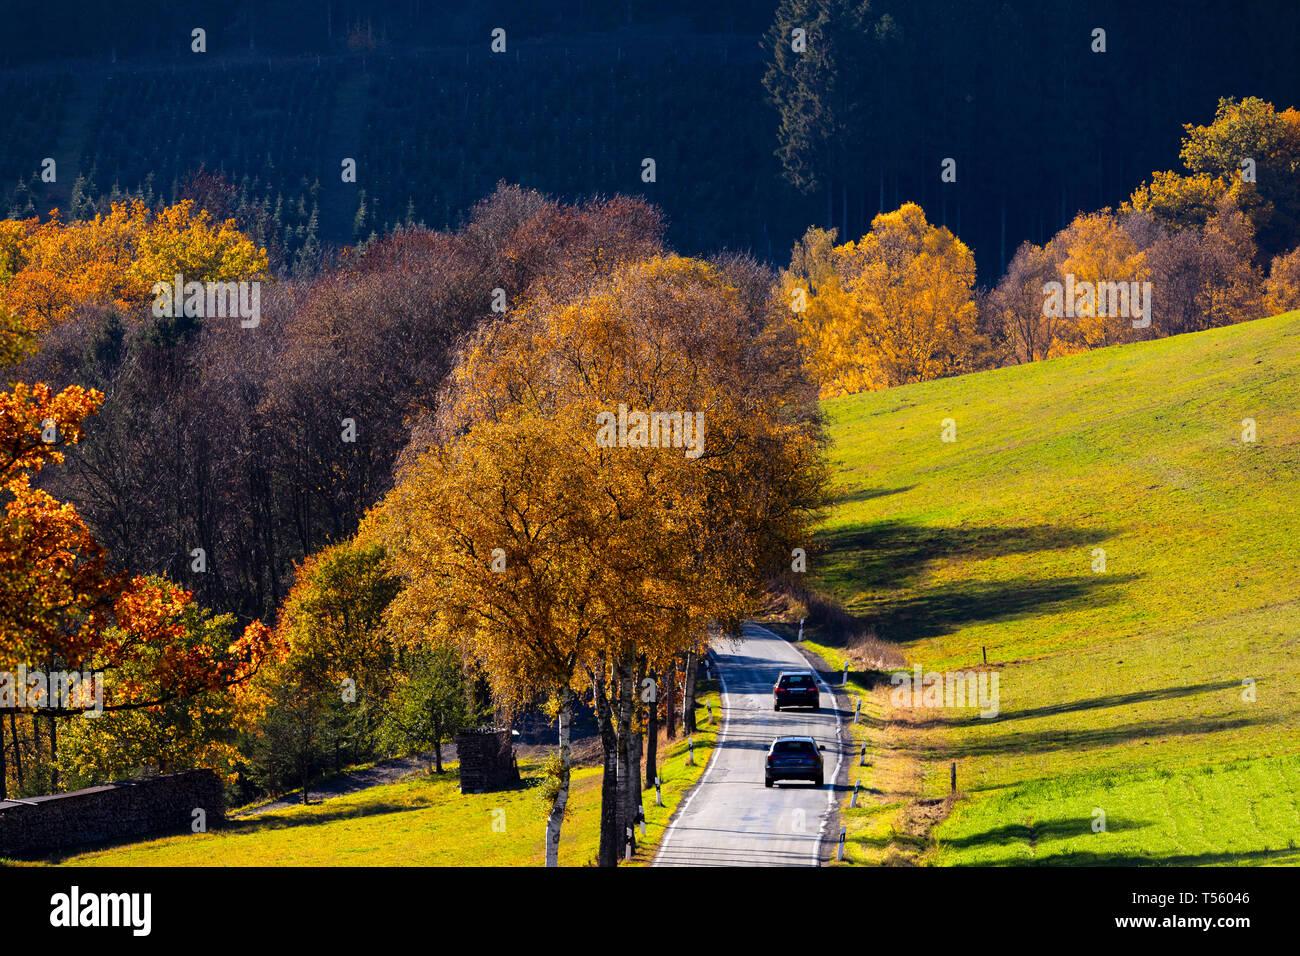 Landstrasse im Sorpetal, bei Obersorpe,  Herbst,  Landschaft, Wald, Sauerland, NRW, Deutschland, Europa. - Stock Image